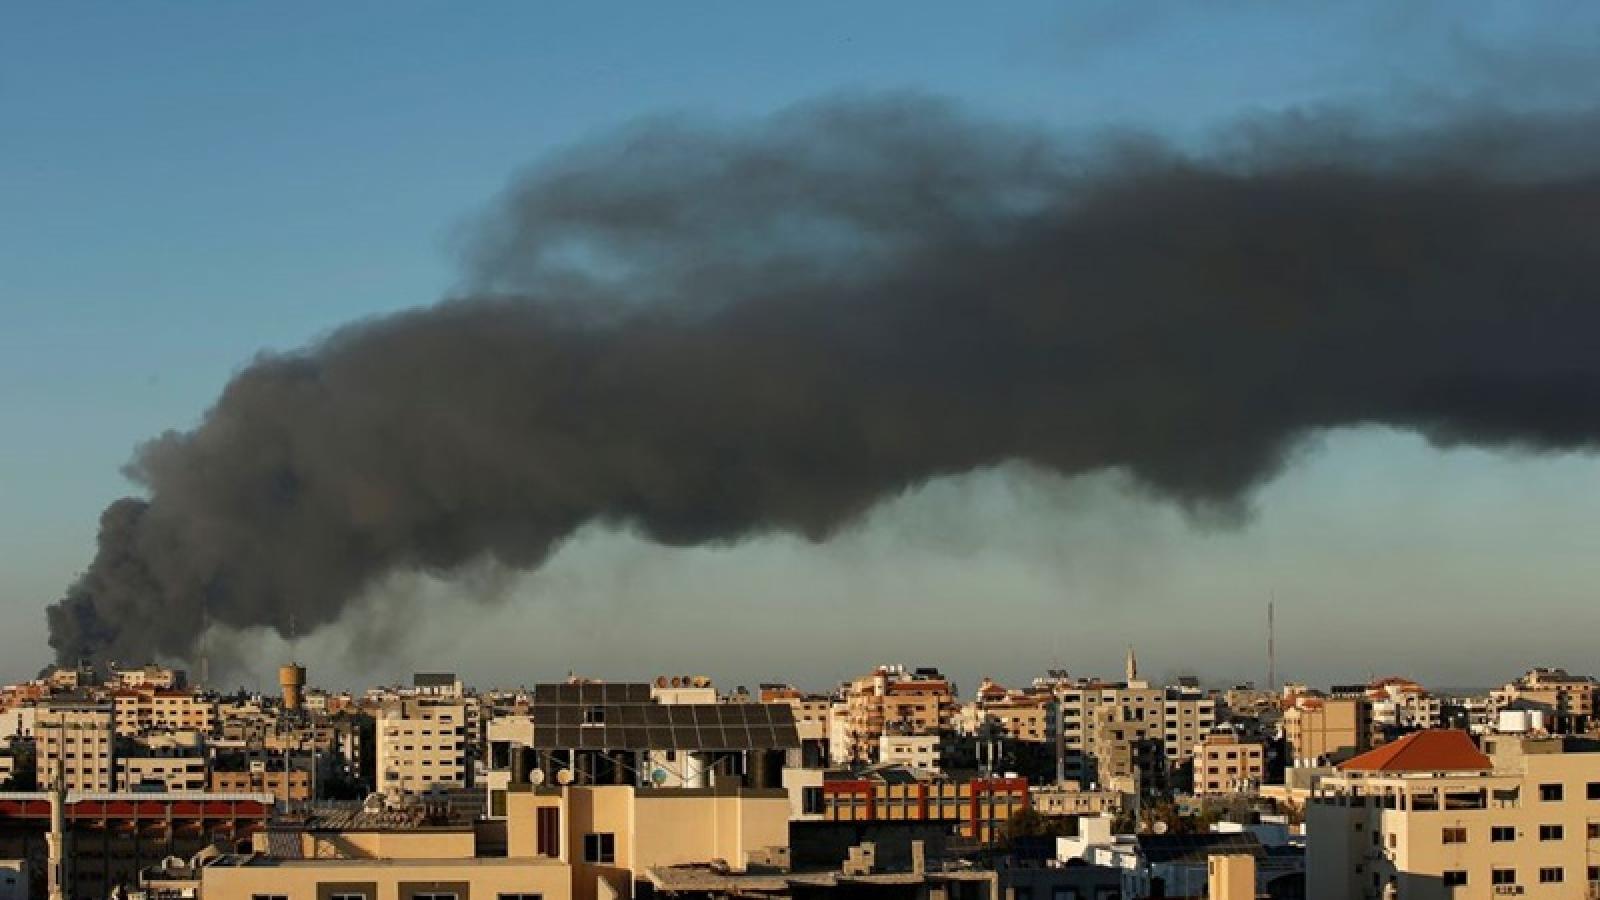 Rộ tin về lệnh ngừng bắn ở Gaza: Xung đột Israel - Palestine đã đến lúc hạ nhiệt?